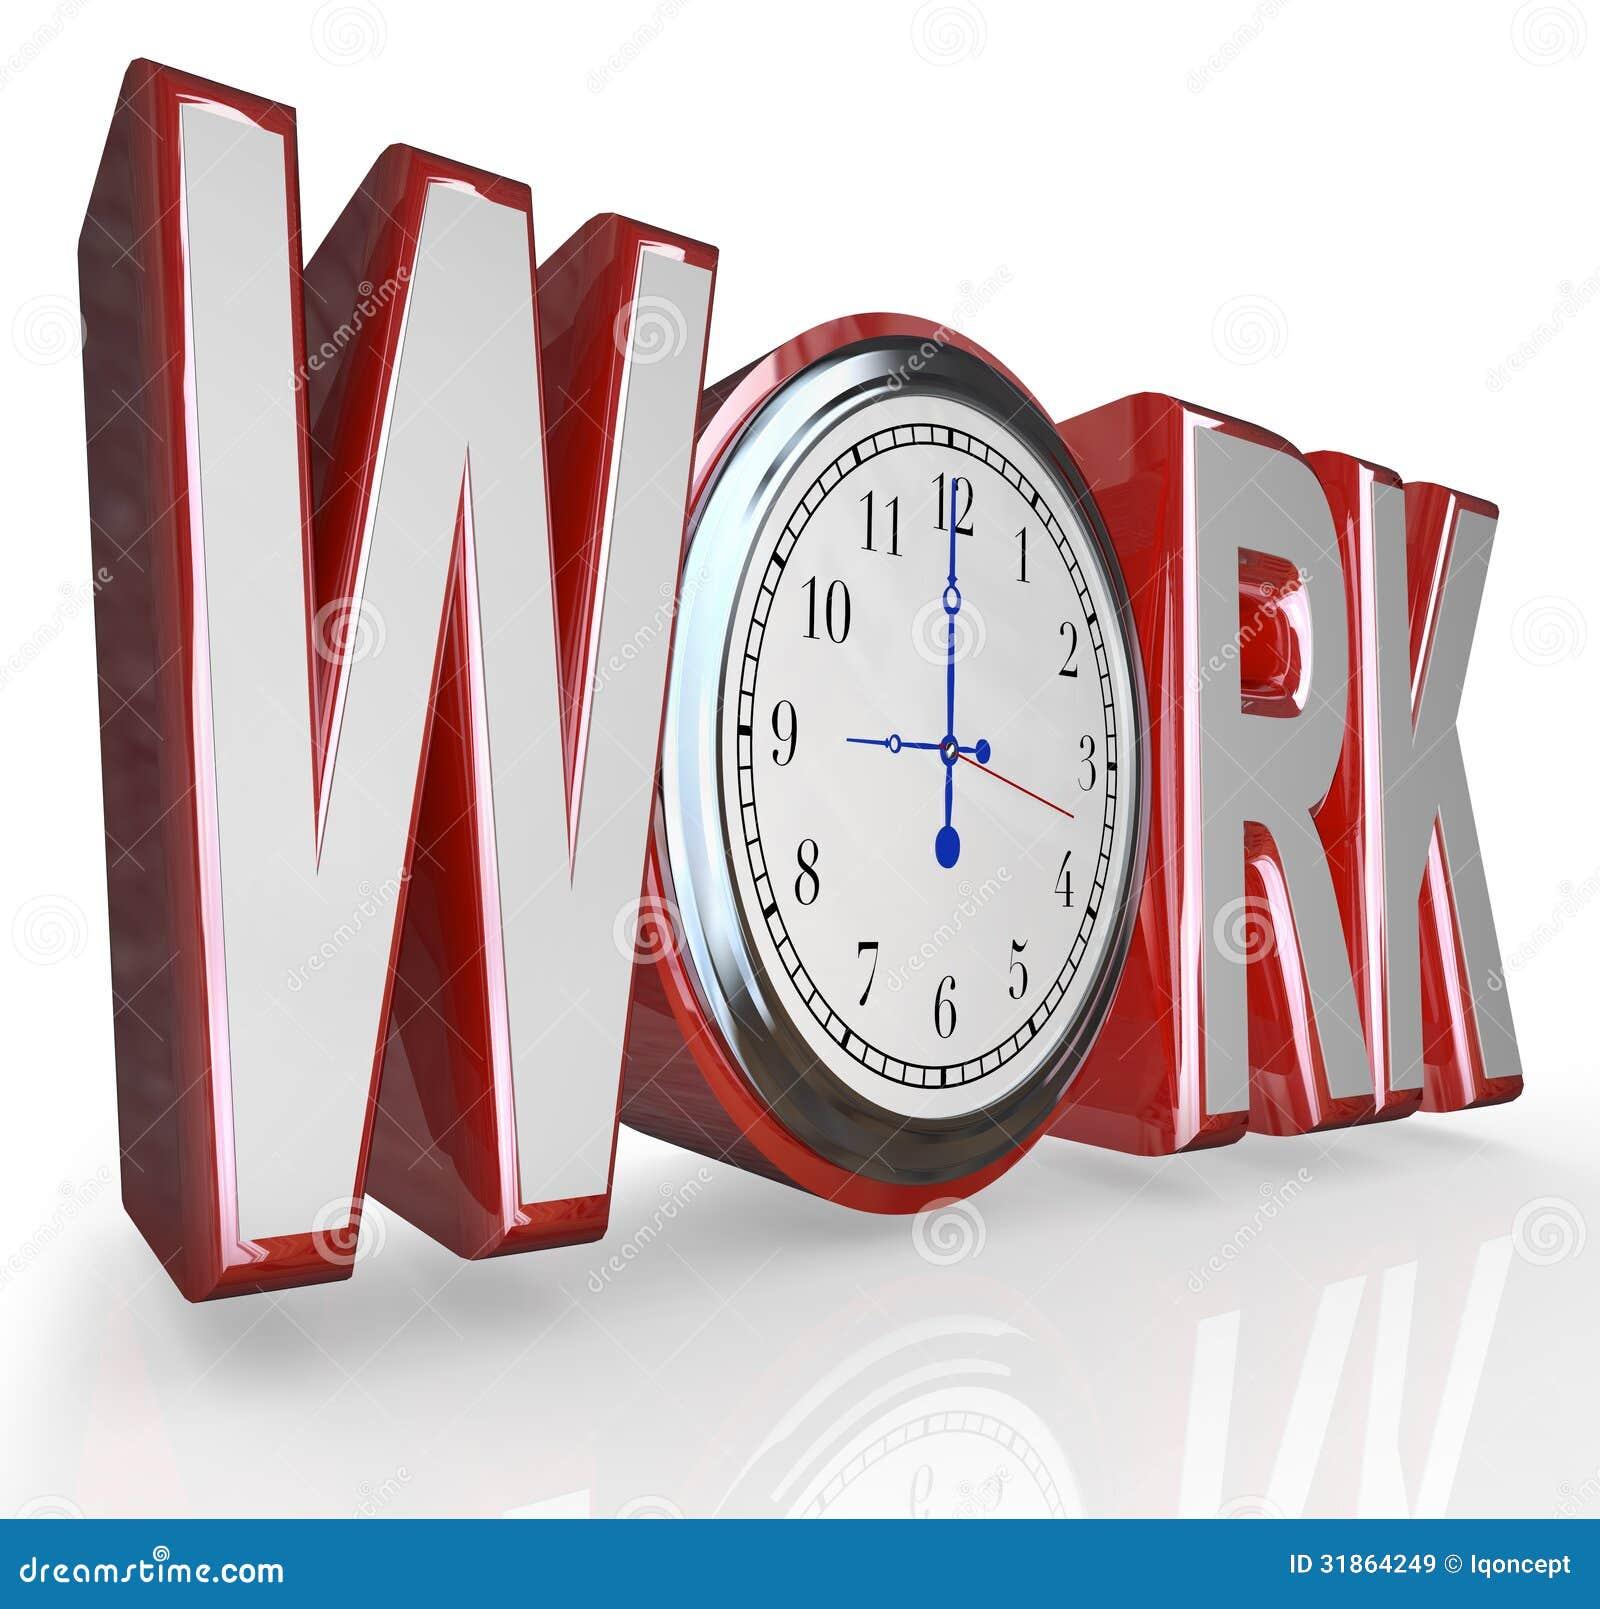 arbeits uhr wort zeit arbeitend an job career zu erhalten lizenzfreie stockbilder bild 31864249. Black Bedroom Furniture Sets. Home Design Ideas